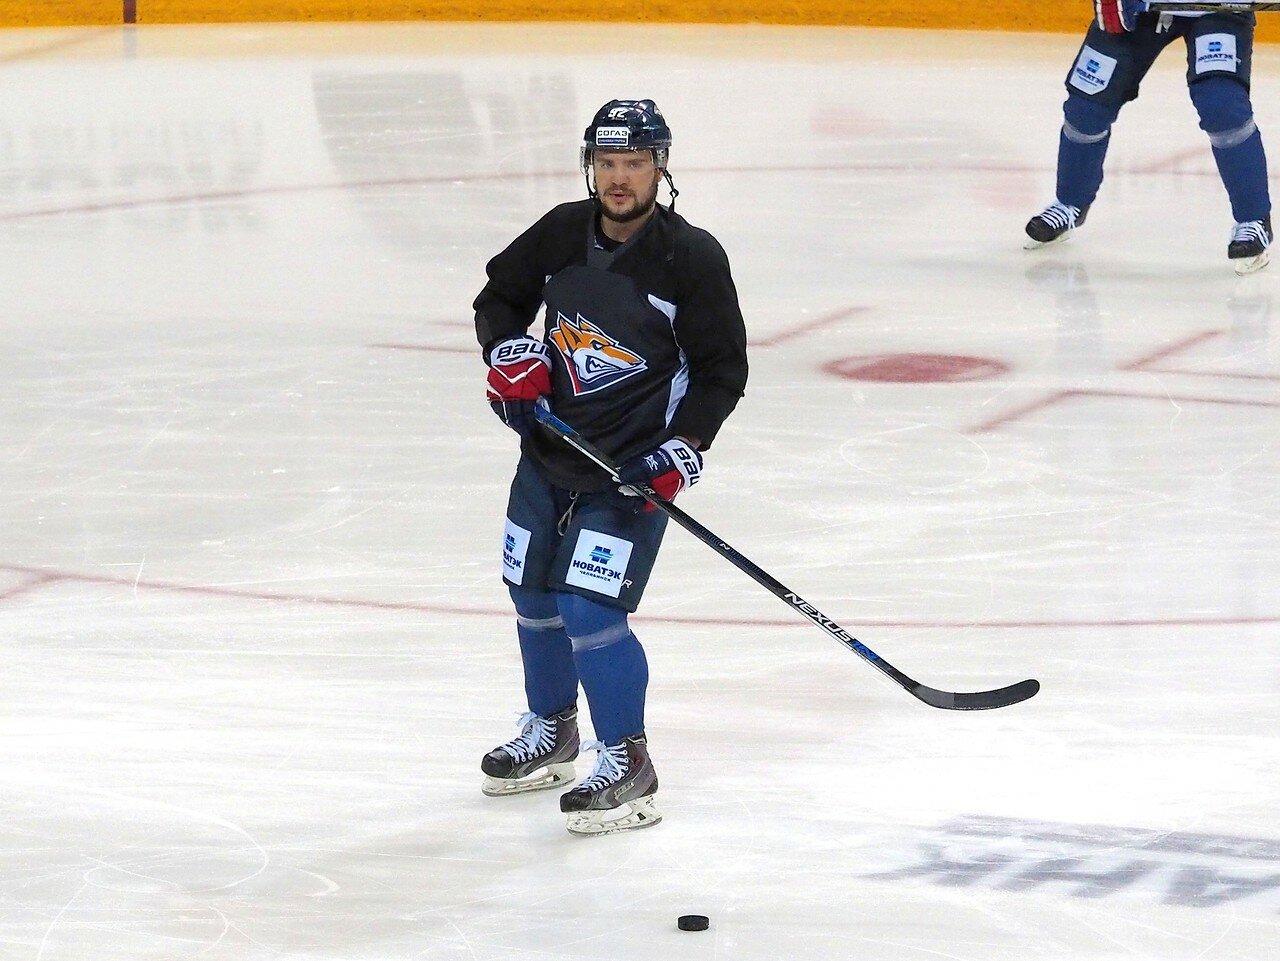 2 Открытая тренировка перед финалом плей-офф КХЛ 2017 06.04.2017